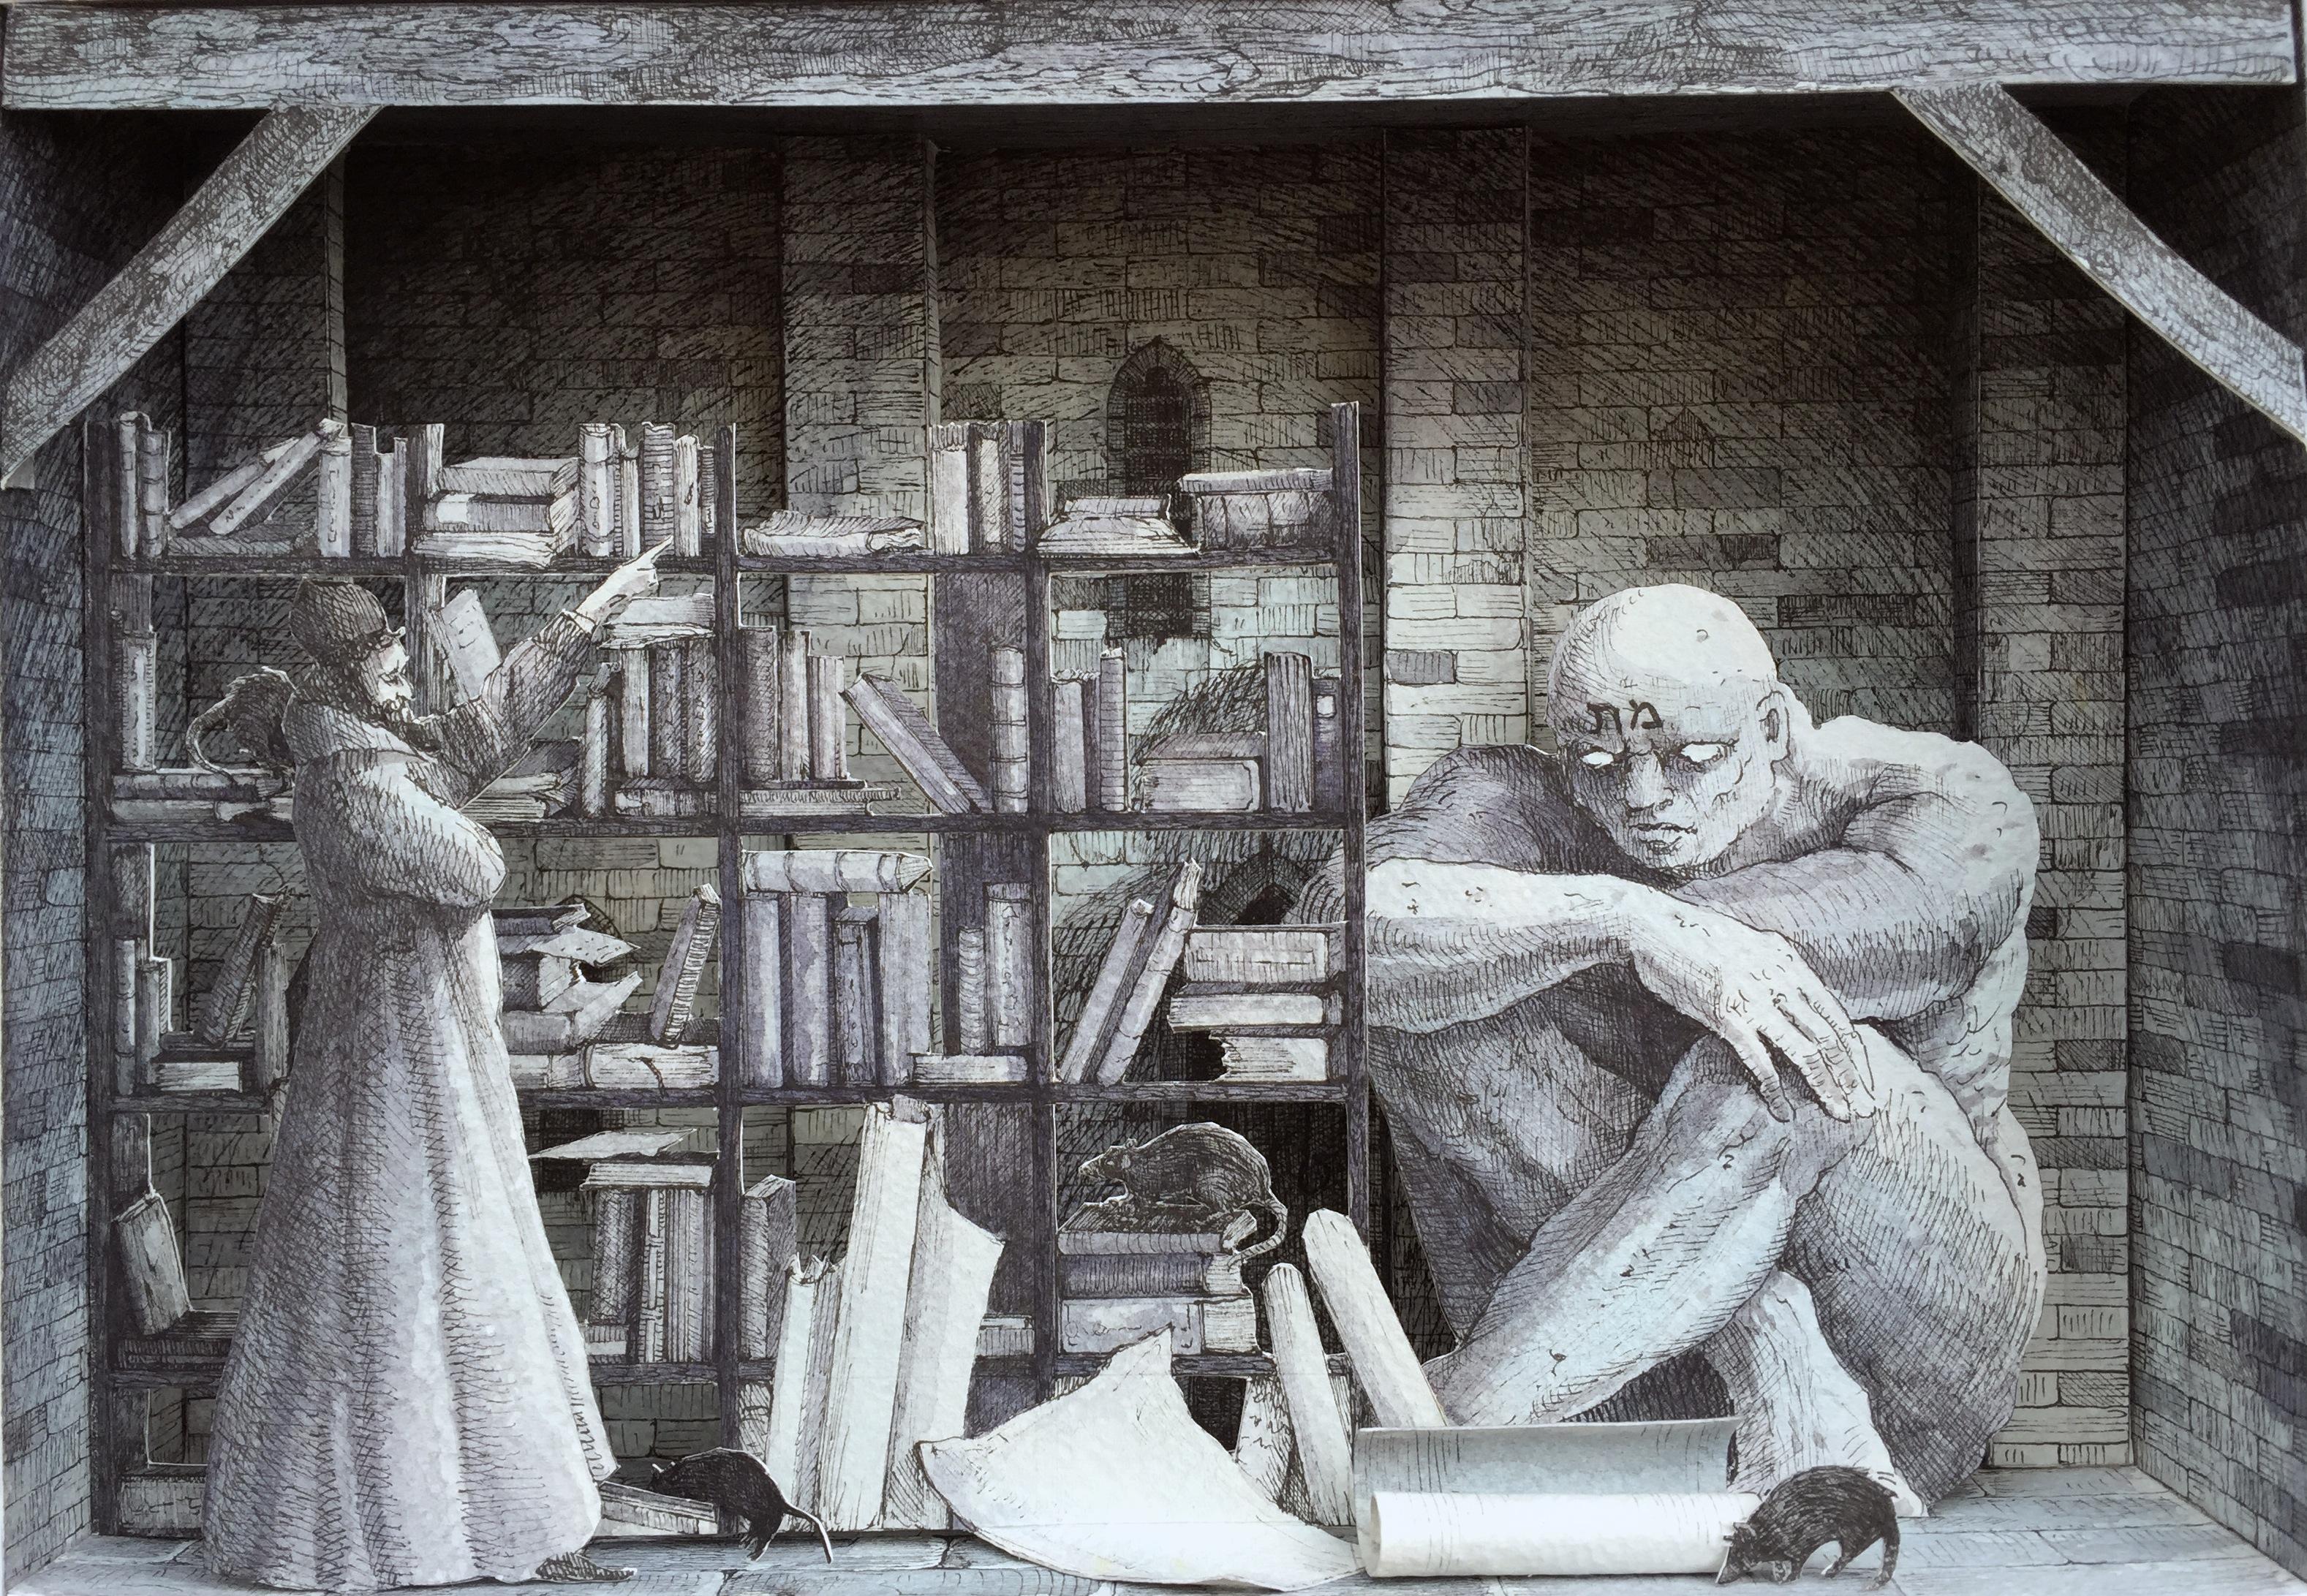 monolocale-55-genizah-2016-cm-21x30-china-e-acquerelli-su-carta-copia